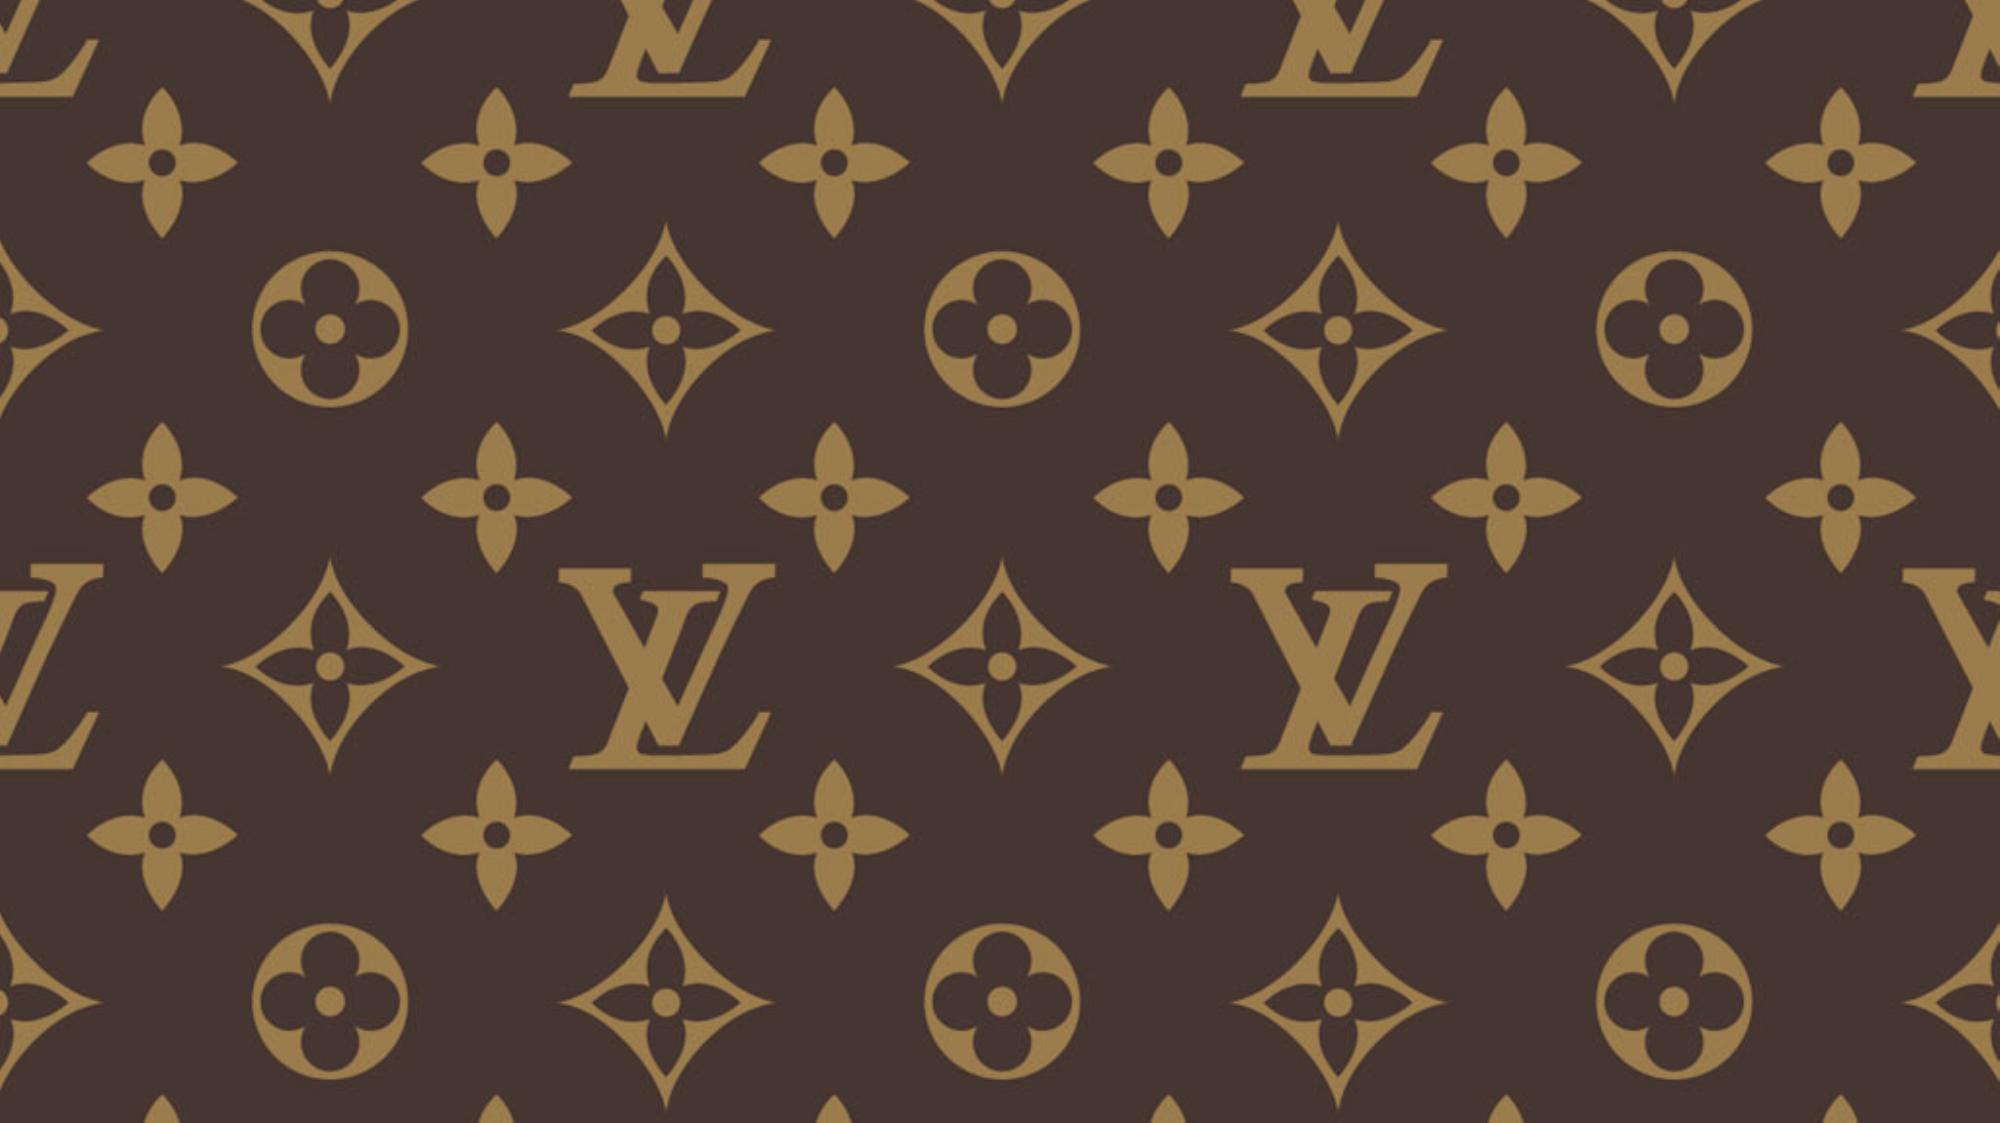 Louis Vuitton Images